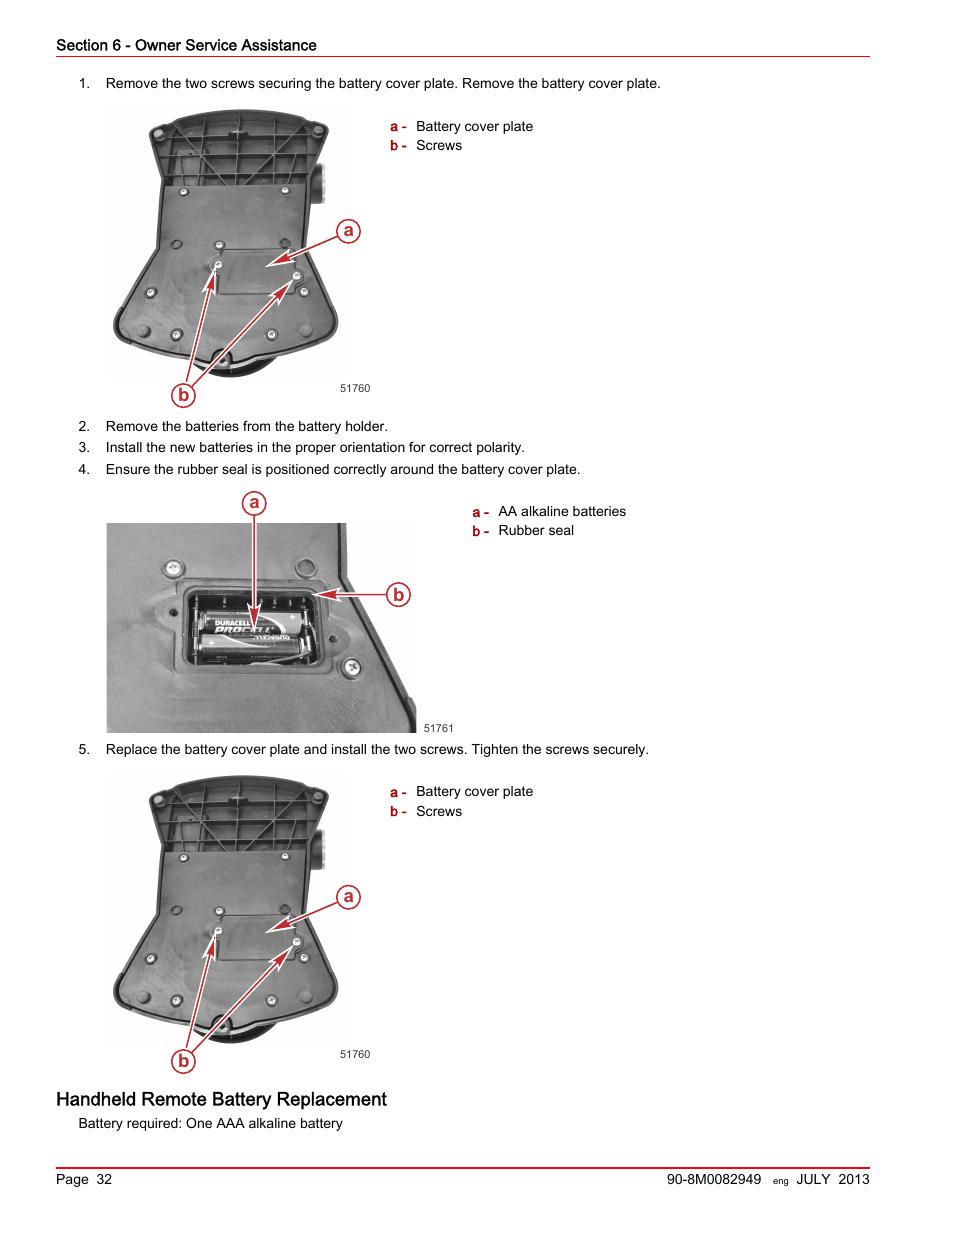 motorguide xi5 wireless trolling motor page36?resize\\\=680%2C880 mercury thruster trolling motor wiring diagram mercury thruster mercury thruster trolling motor wiring diagram at cos-gaming.co